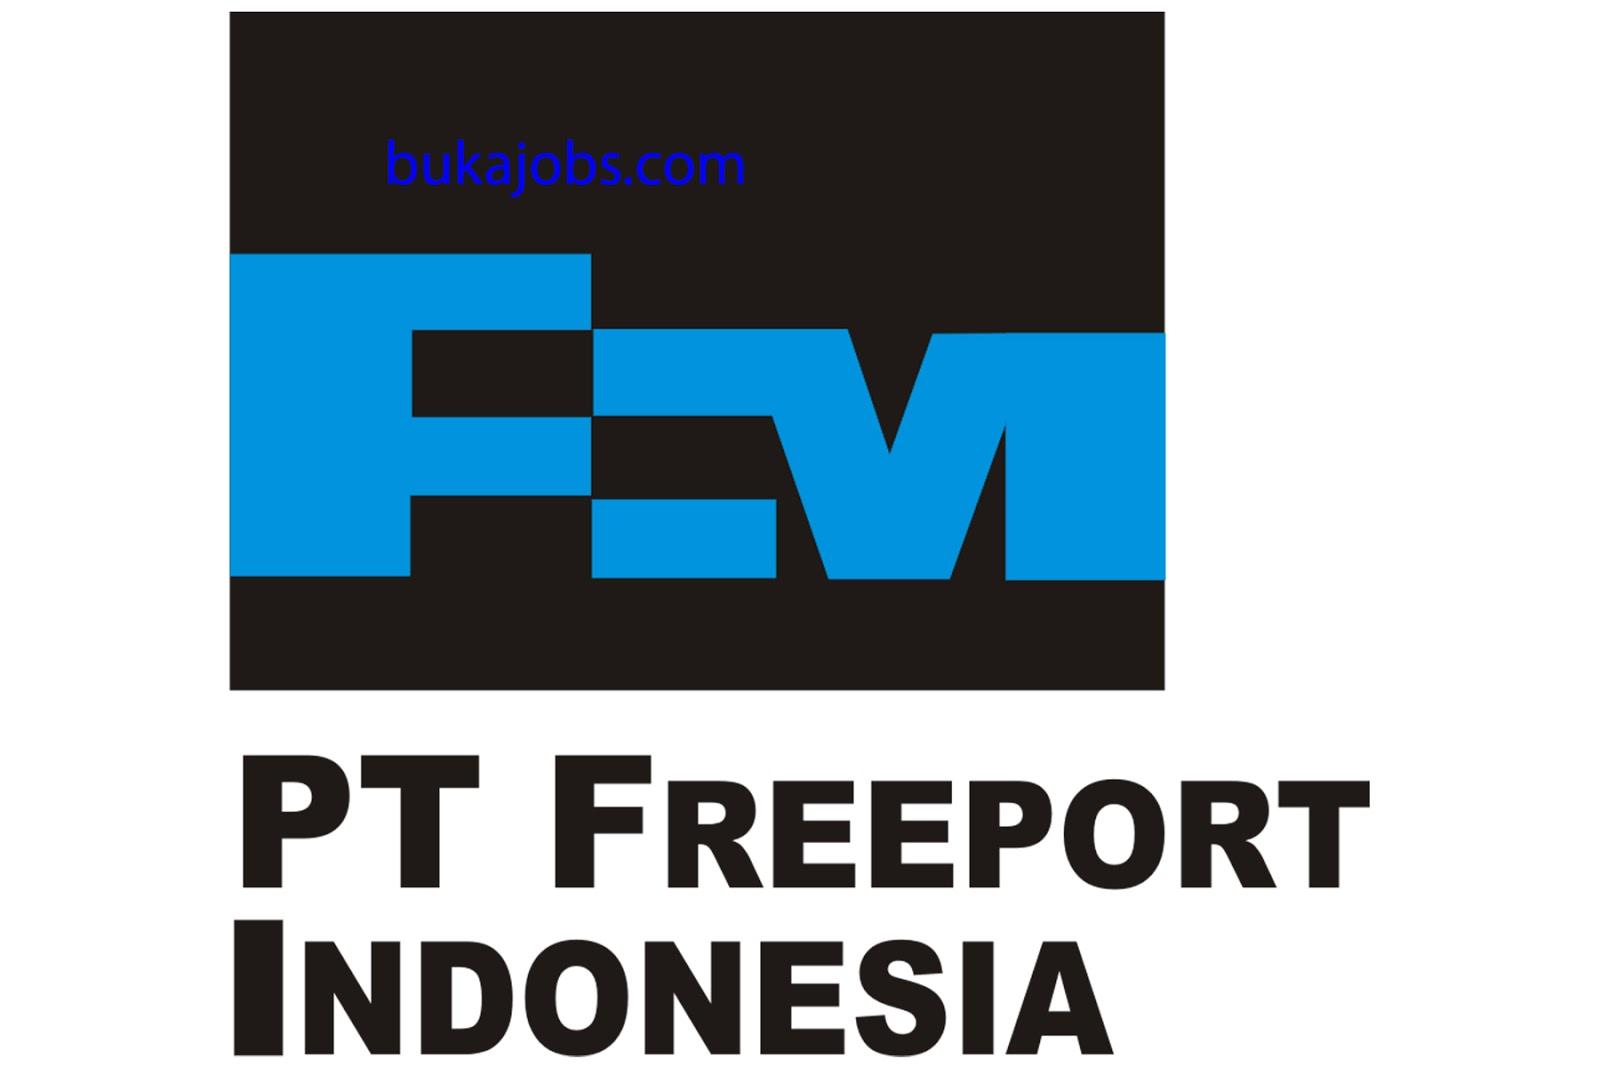 Lowongan Kerja PT Freeport Indonesia 2019